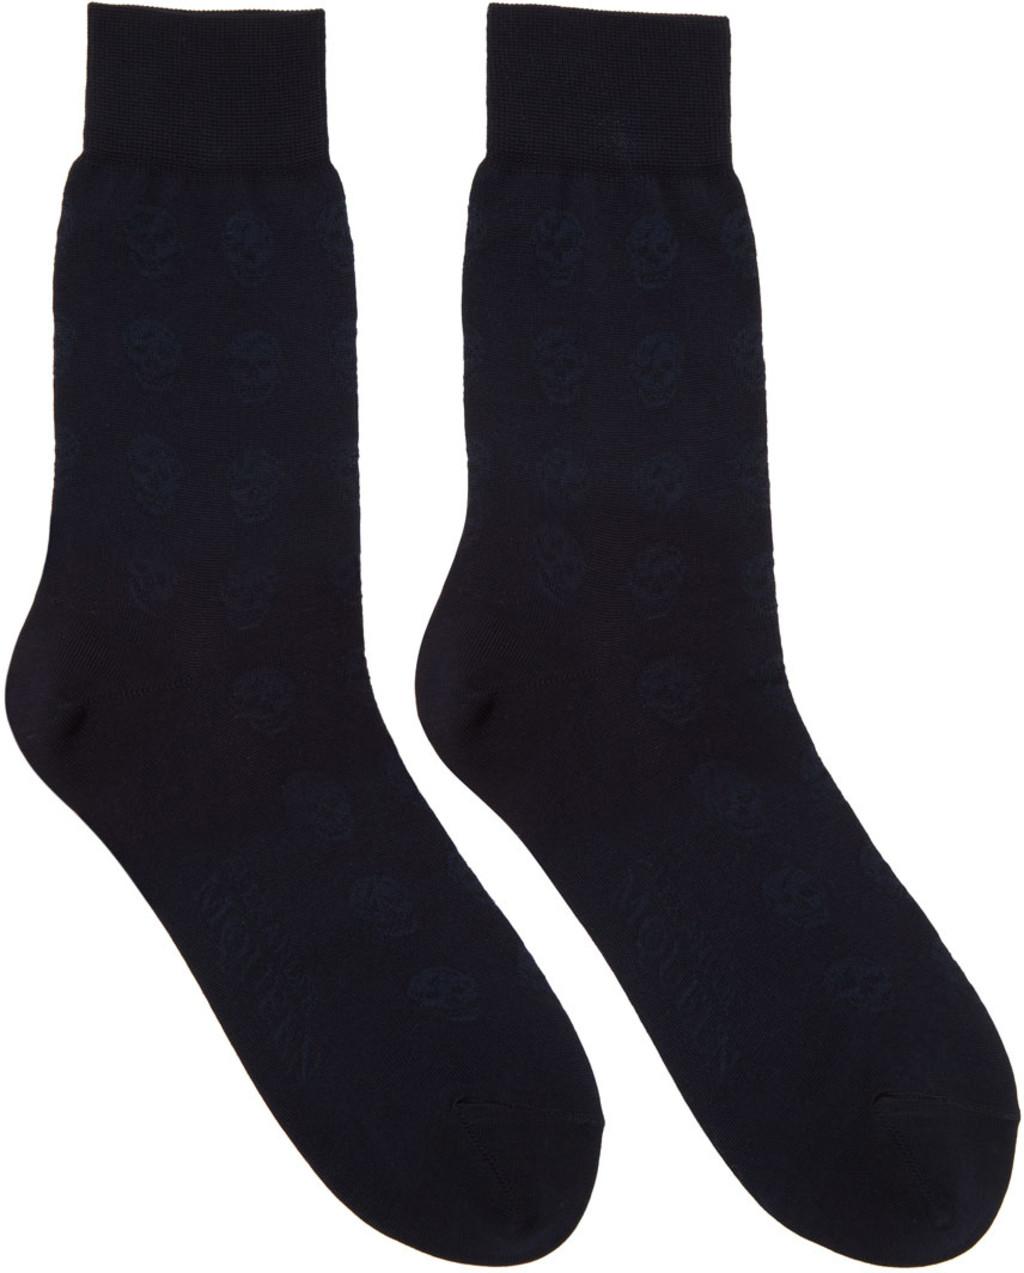 Prix Incroyable Vente En Ligne Alexander McQueen Skull argyle socks Eastbay Réel Pas Cher Livraison Gratuite Ebay KKFuqf6